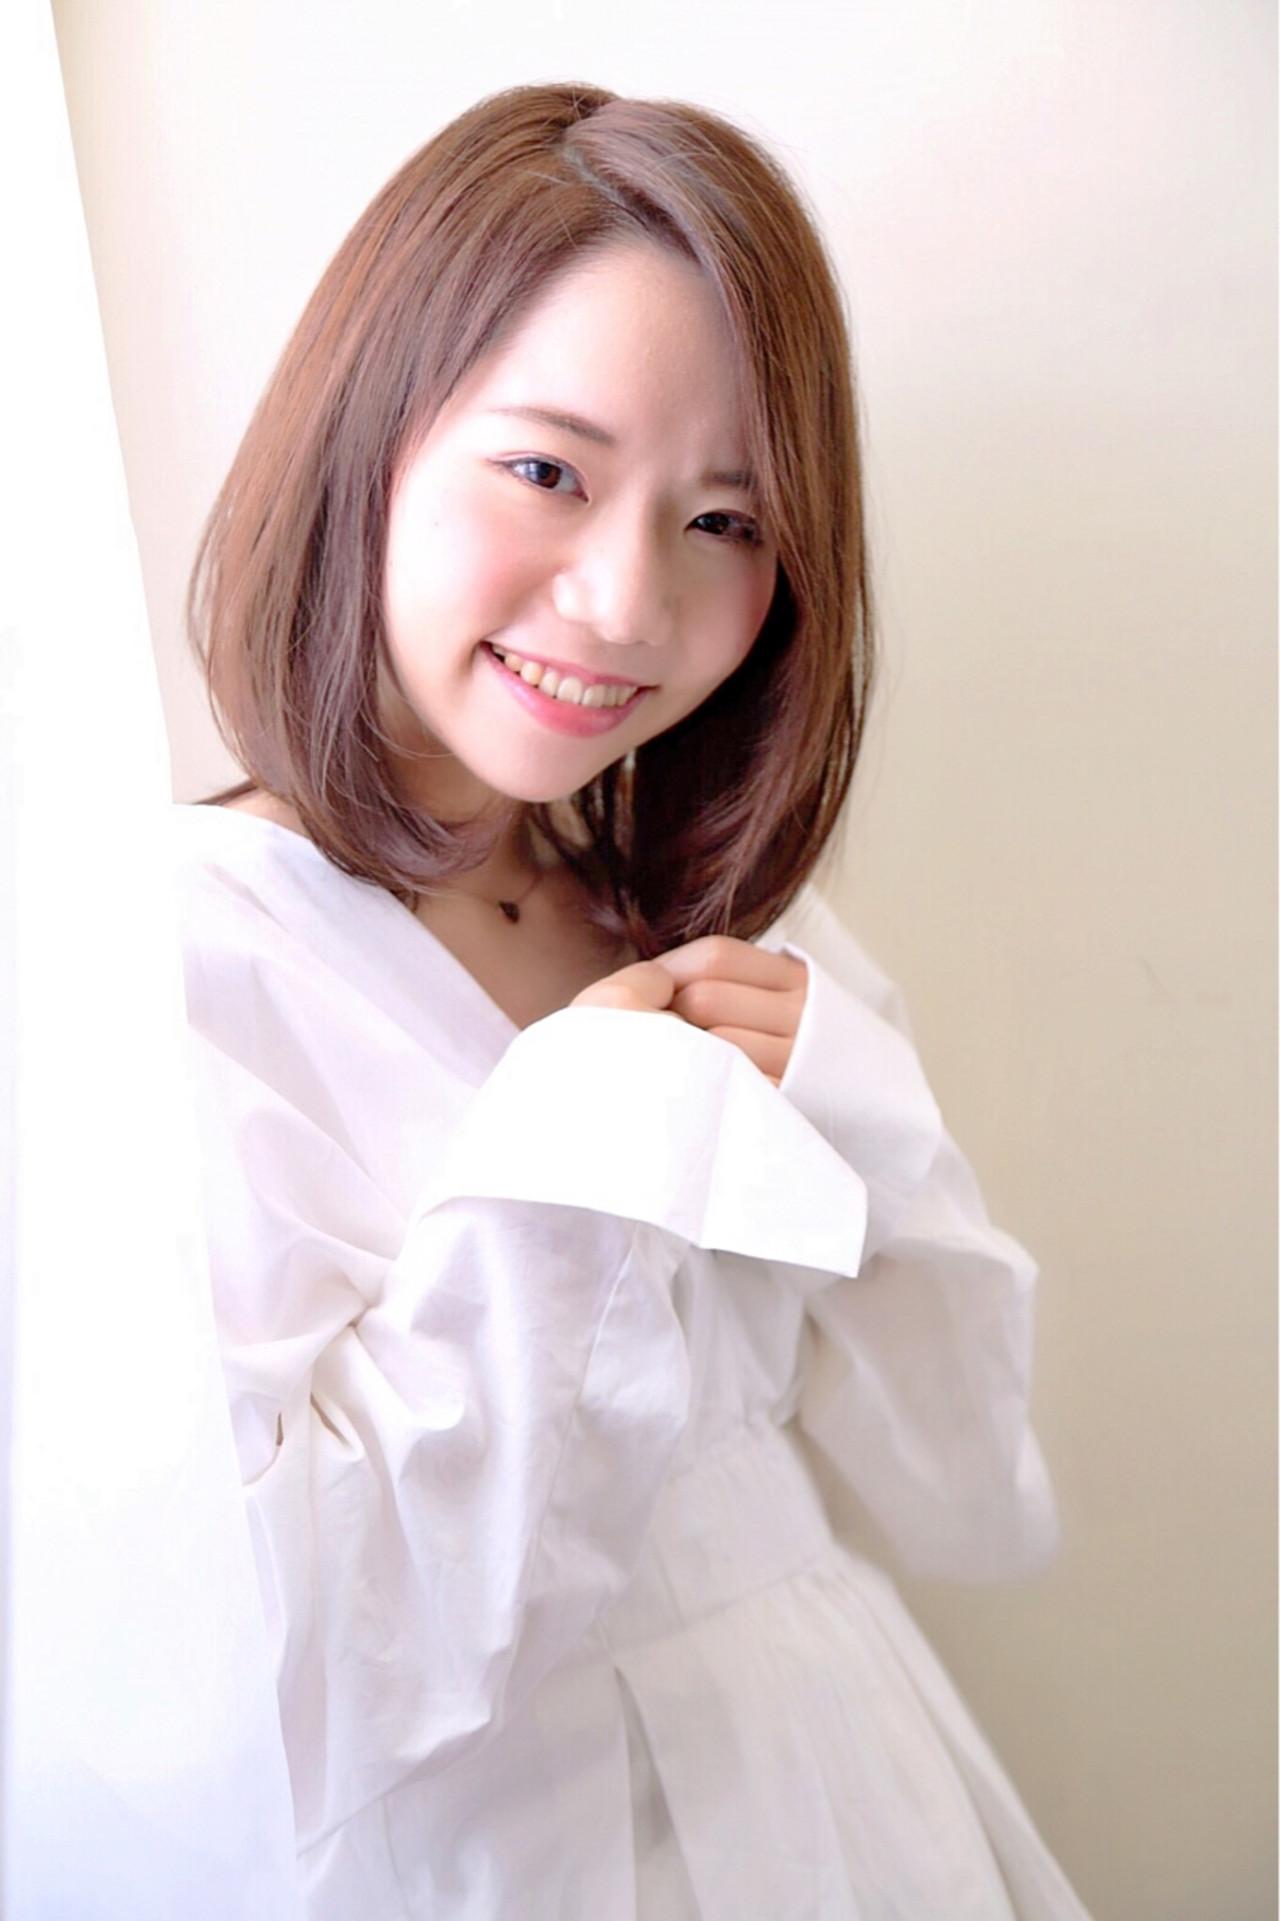 大きめ斜めバングが色っぽいセンターパートミディ 大嶋 理紗